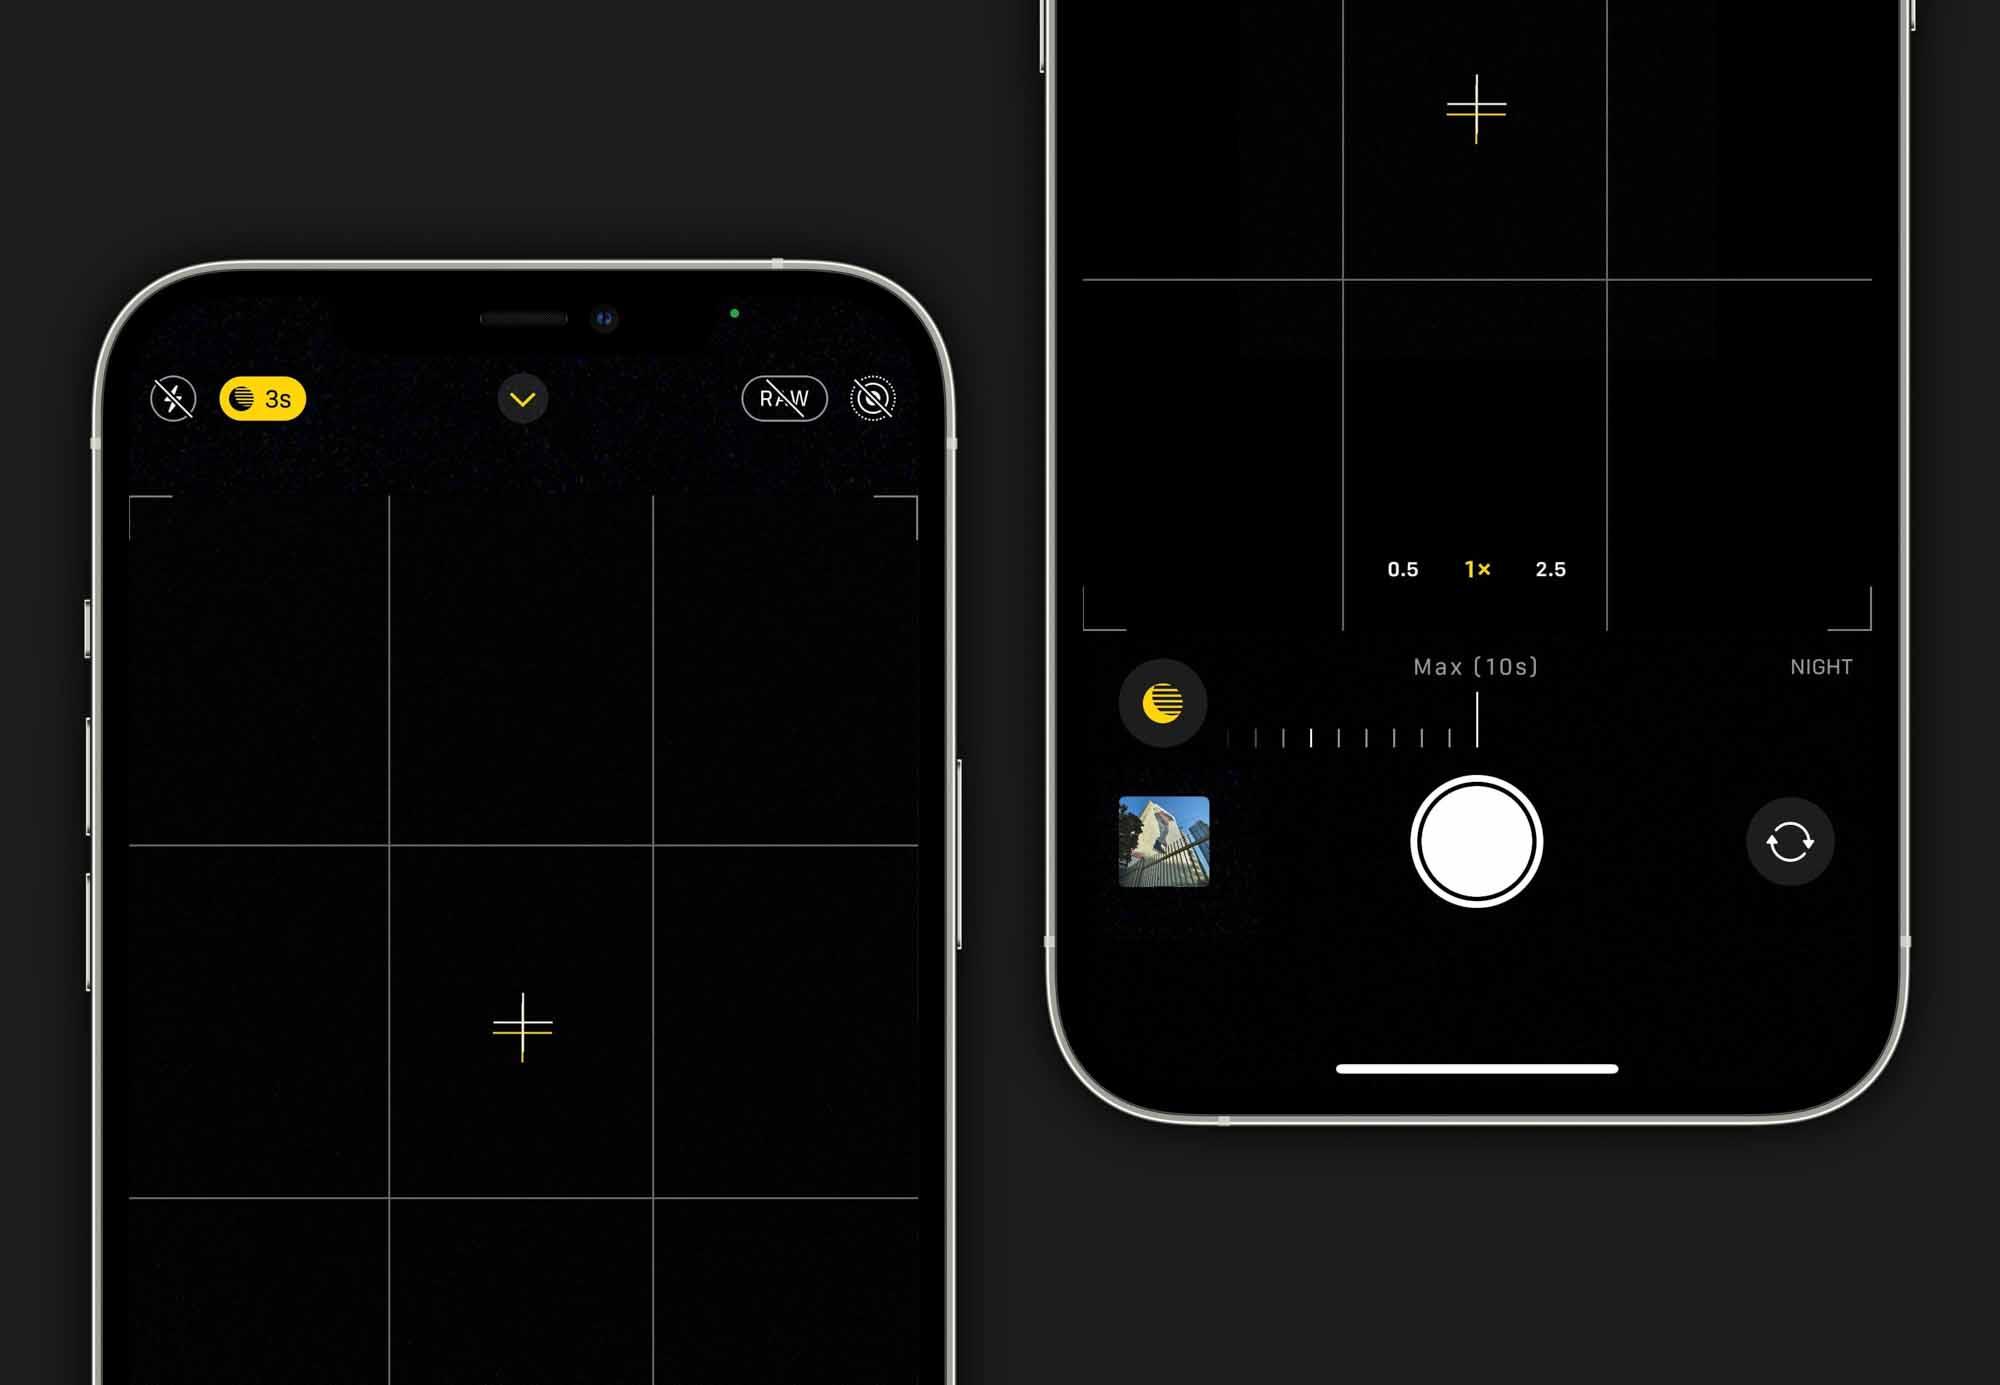 Коснитесь желтого элемента управления ночным режимом в приложении камеры, чтобы настроить экспозицию. Если вы иметь доступ к штативу, установка времени «Макс.» даст наилучшие результаты.